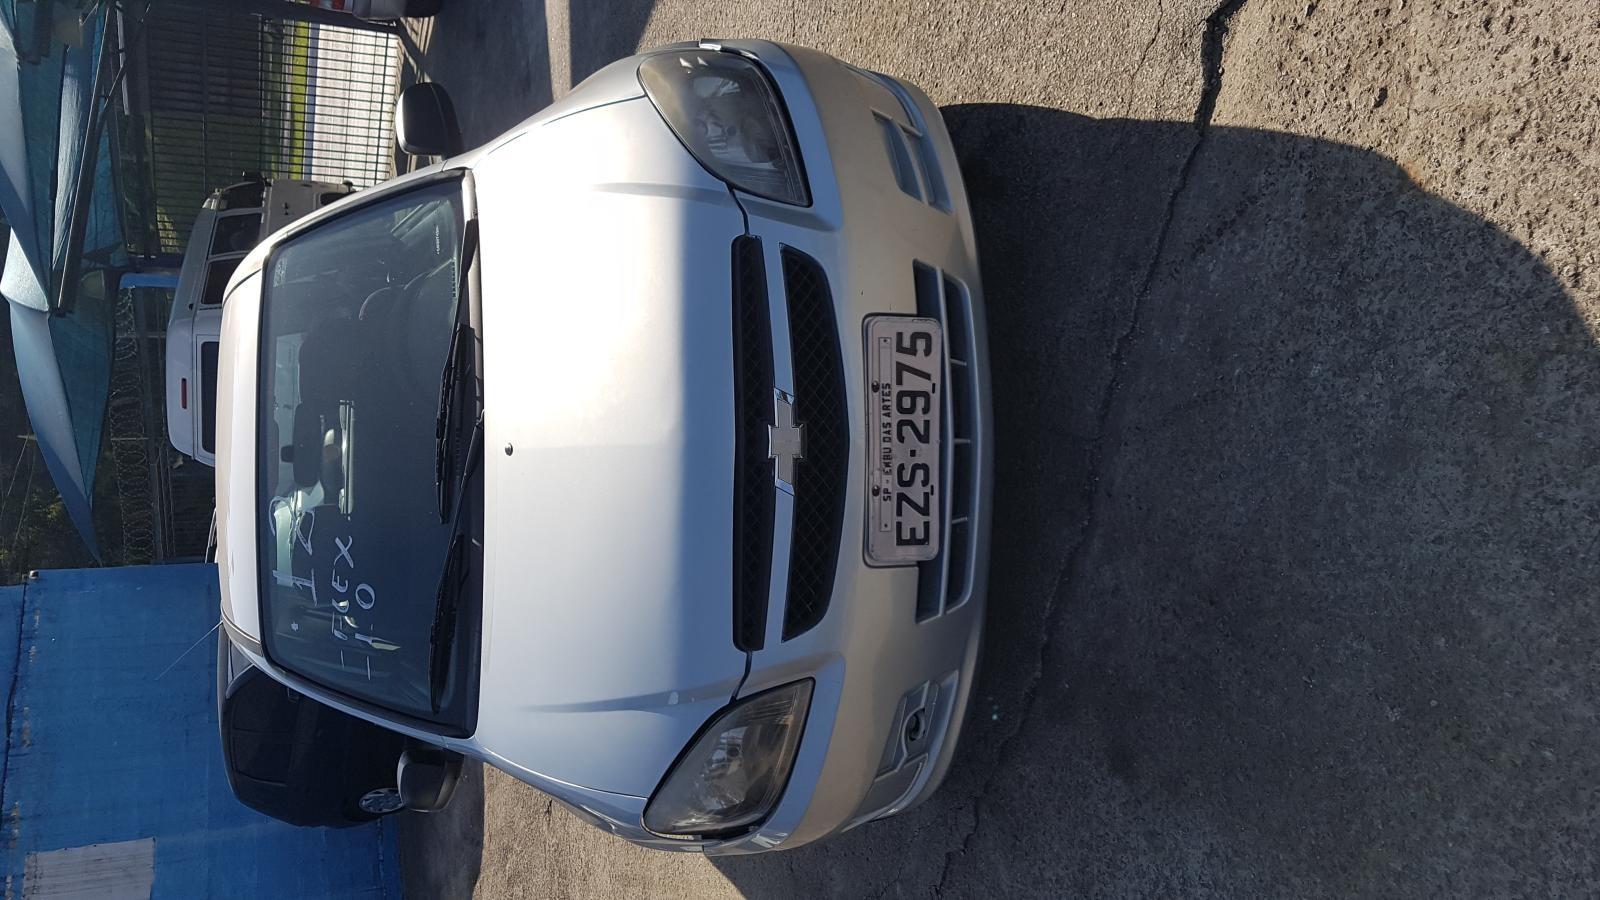 //www.autoline.com.br/carro/chevrolet/celta-10-ls-8v-flex-2p-manual/2012/sao-paulo-sp/12410072